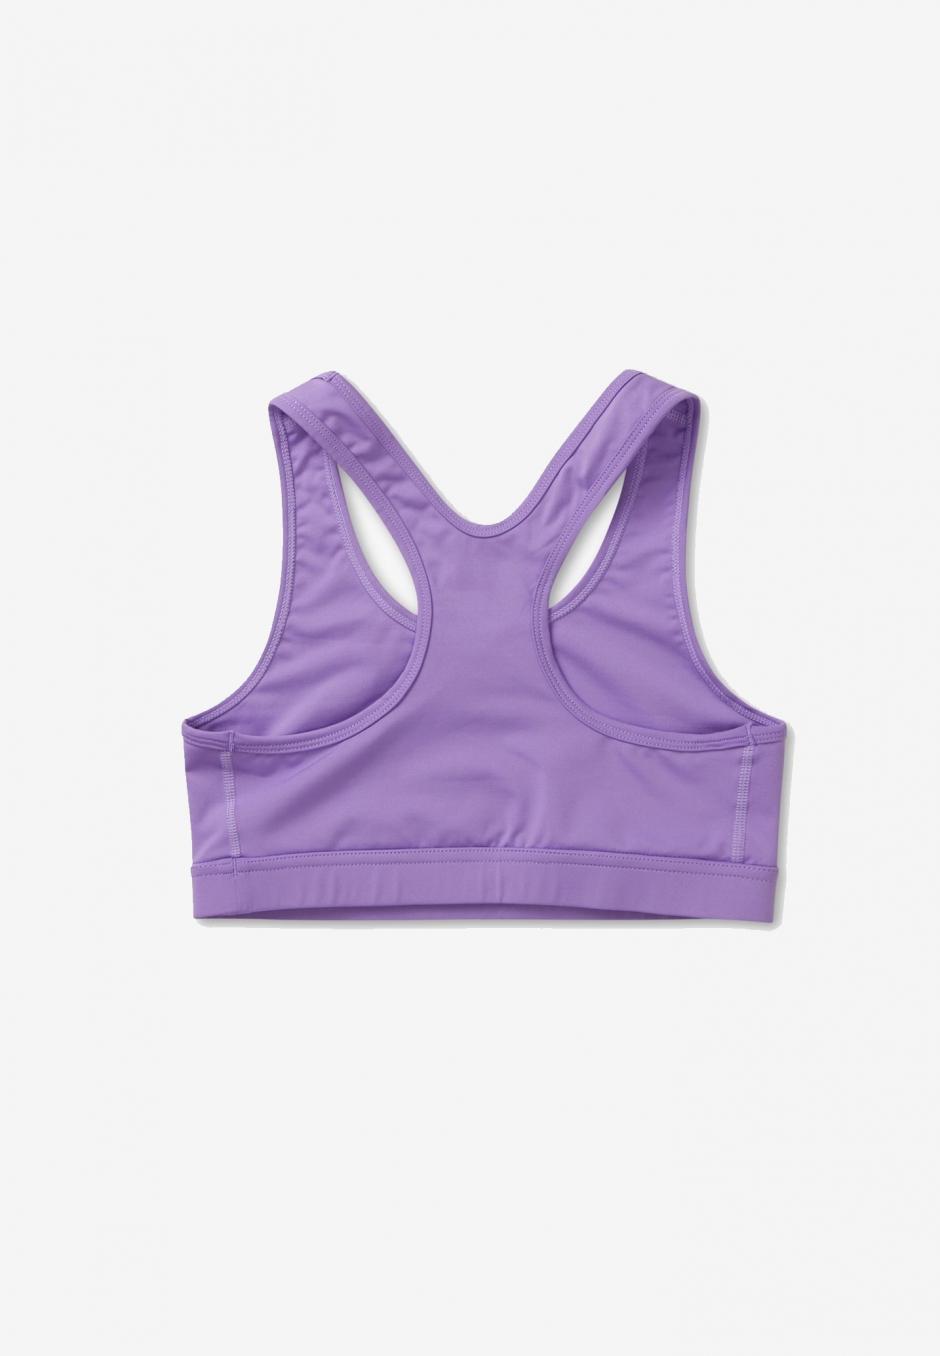 7 Days Active KK Bra Fairy Purple